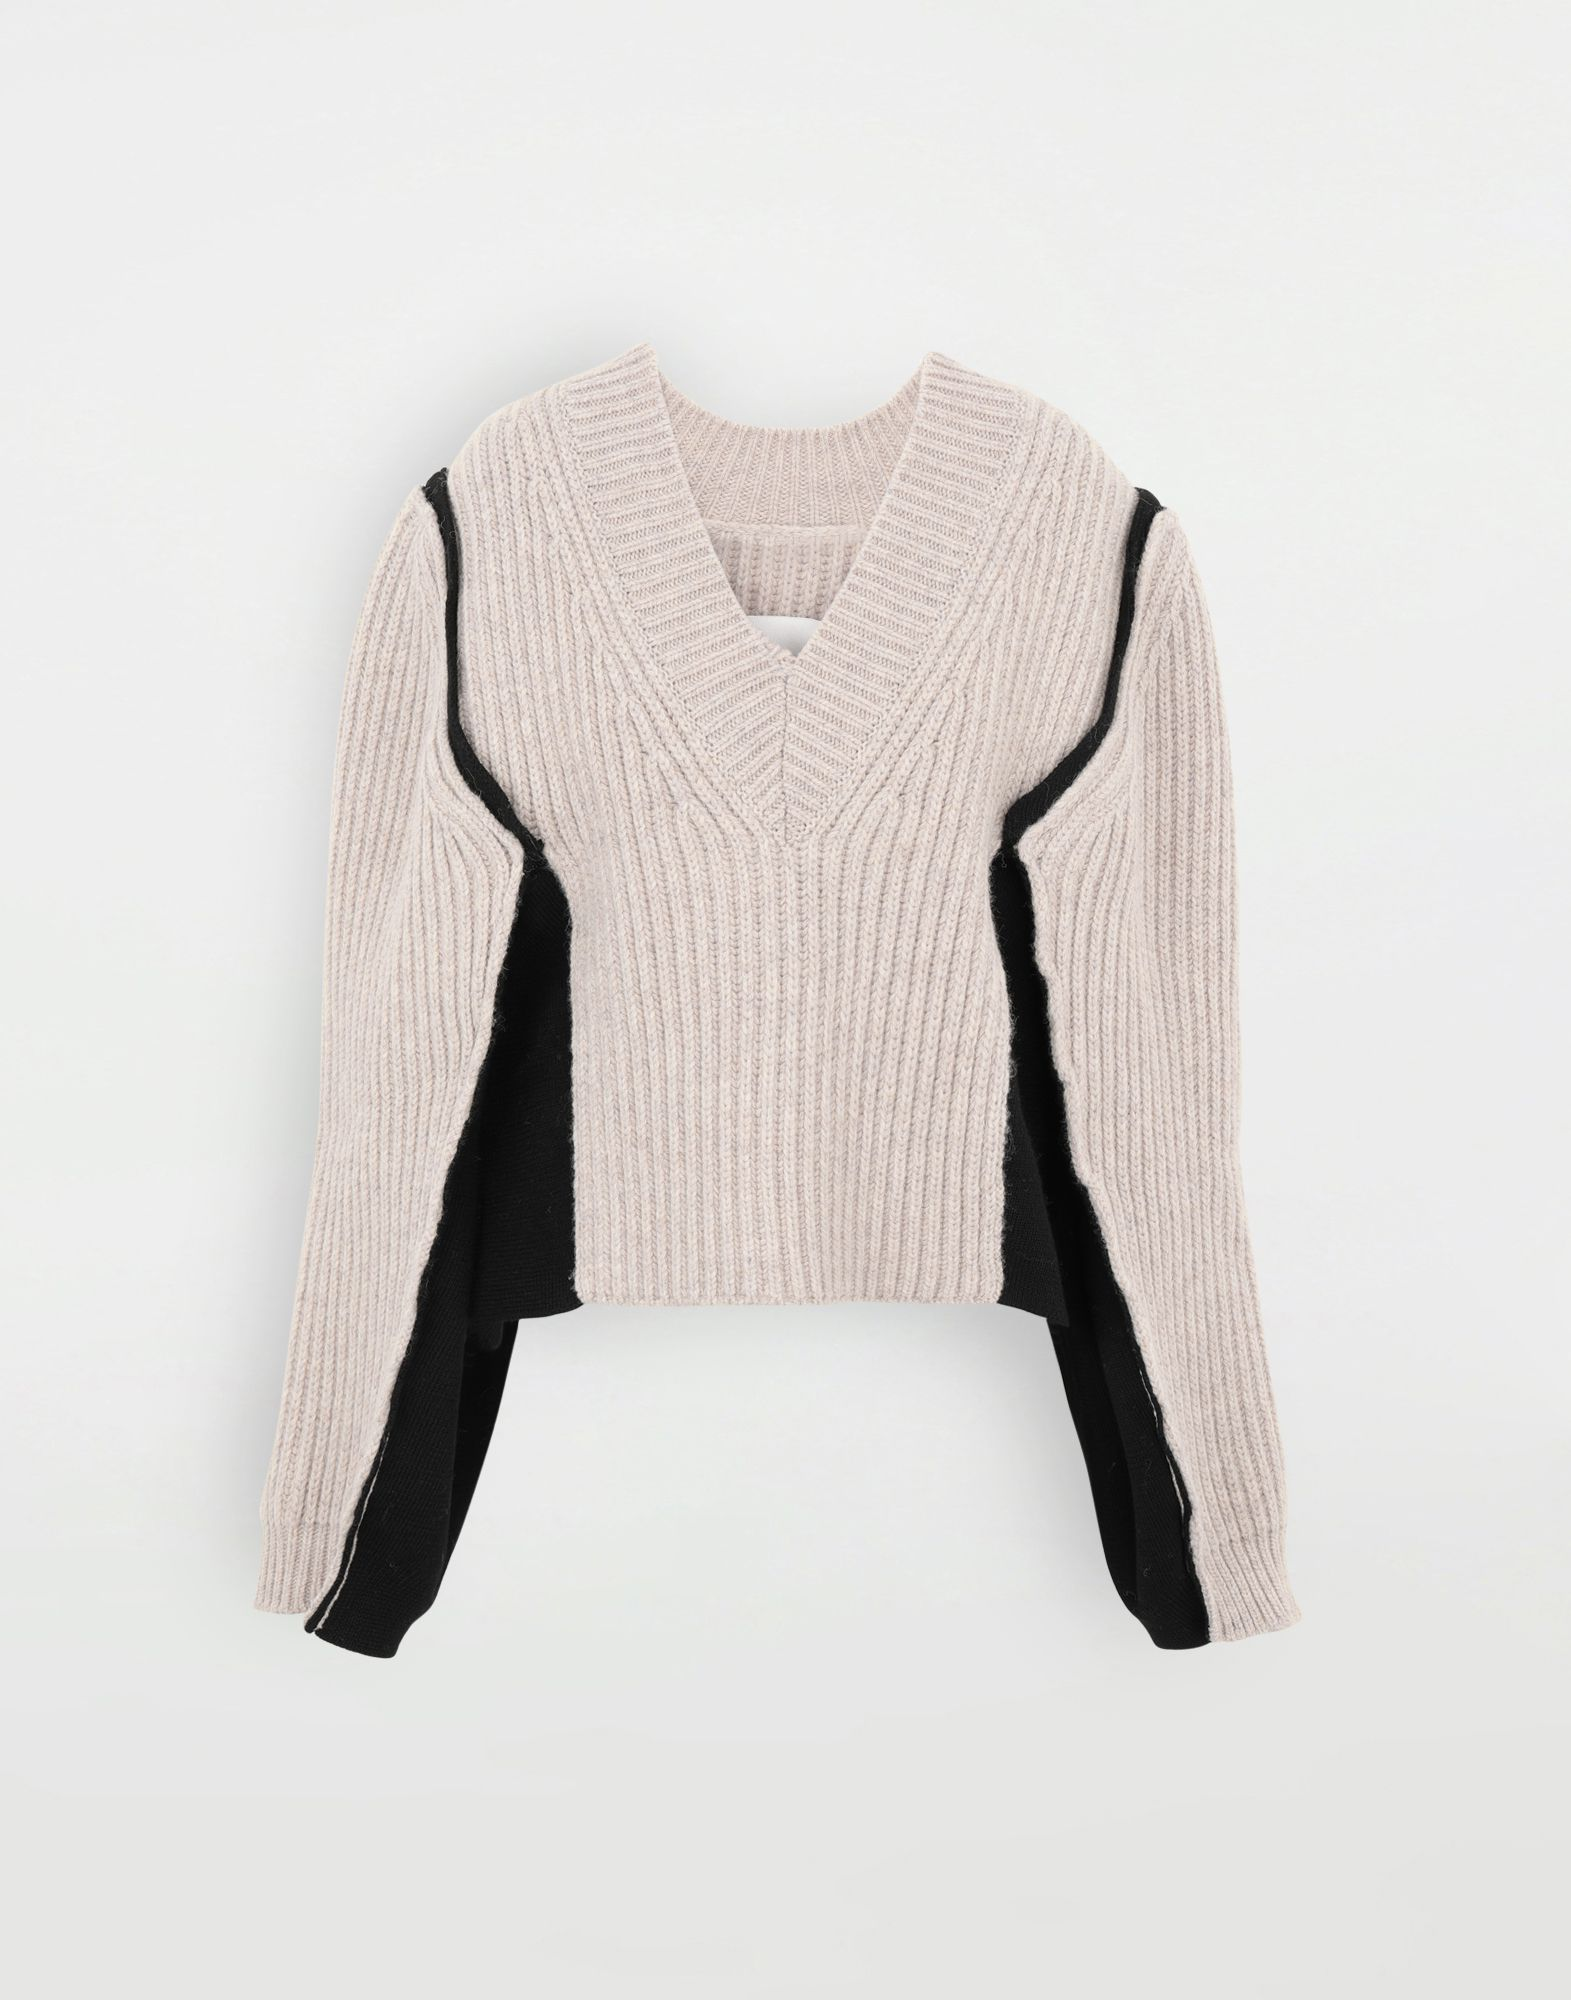 MAISON MARGIELA Grob gestrickter Pullover aus gerippter Wolle Pullover mit V-Ausschnitt Dame f